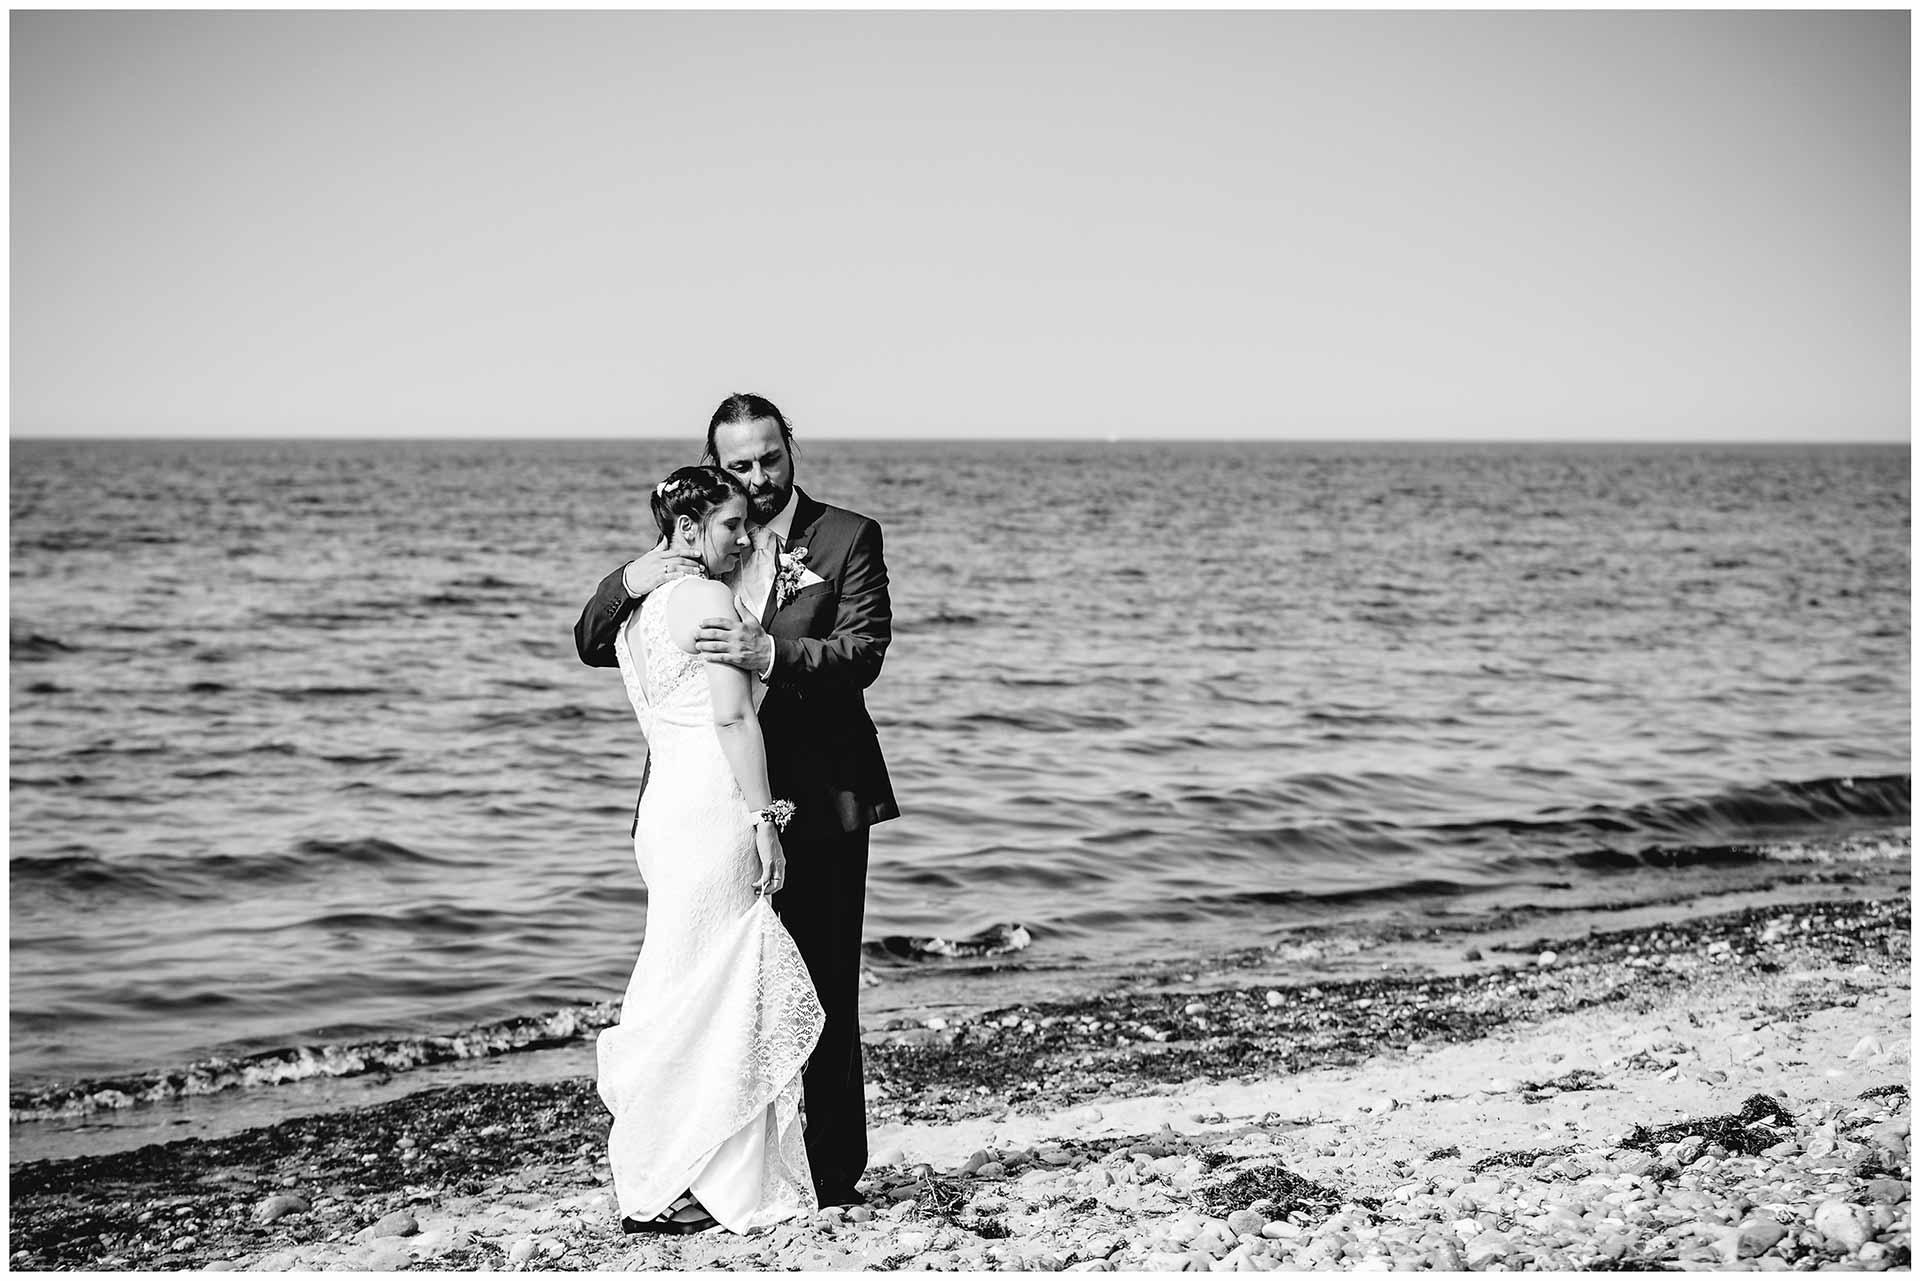 Hochzeitspaar-steht-Arm-in-Arm-mit-geschlossenen-Augen-am-Ostseestrand-Hochzeitsshooting-Hochzeit-am-Strand-Hochzeitsfotograf-Warnemuende-Hochzeitsfotograf-Rostock-Hochzeitsfotograf-Ostseebad-Warnemuende